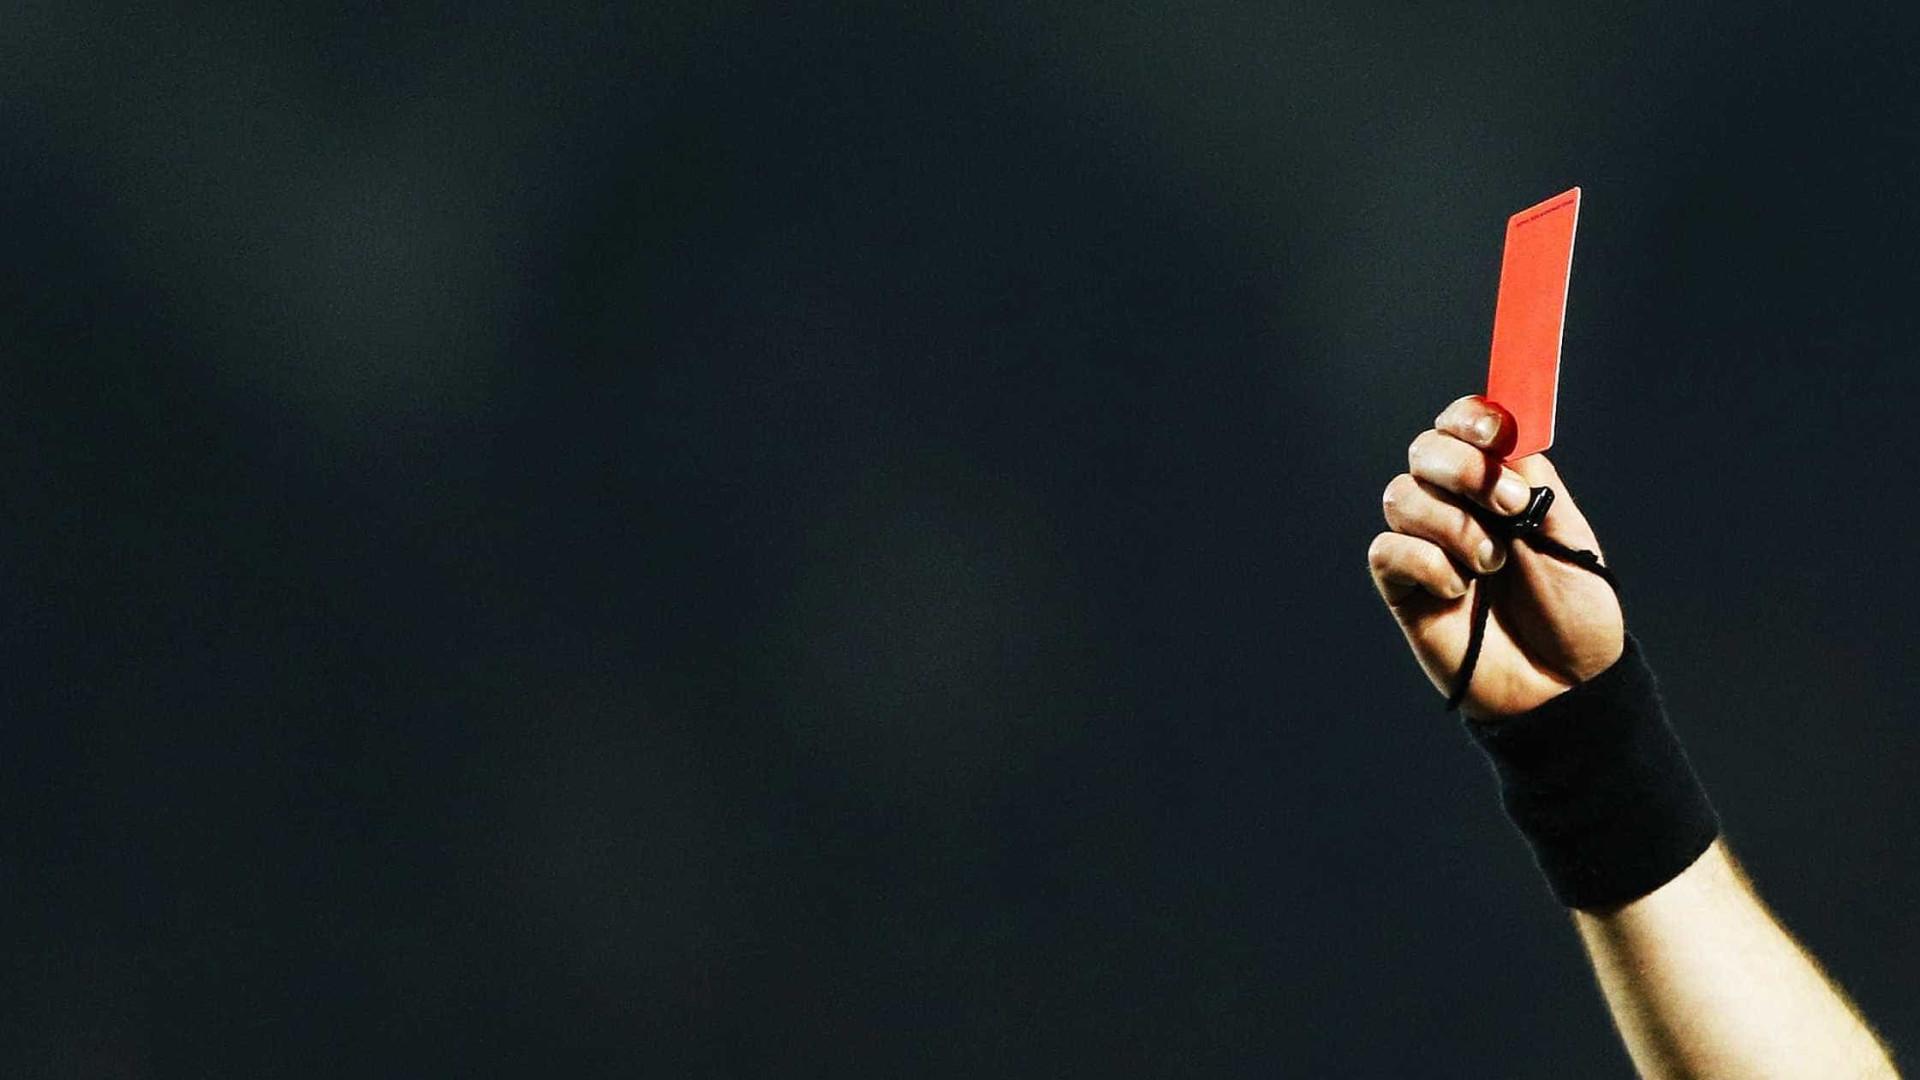 Covid-19: calendário do futebol  pode mudar, diz presidente da Fifa